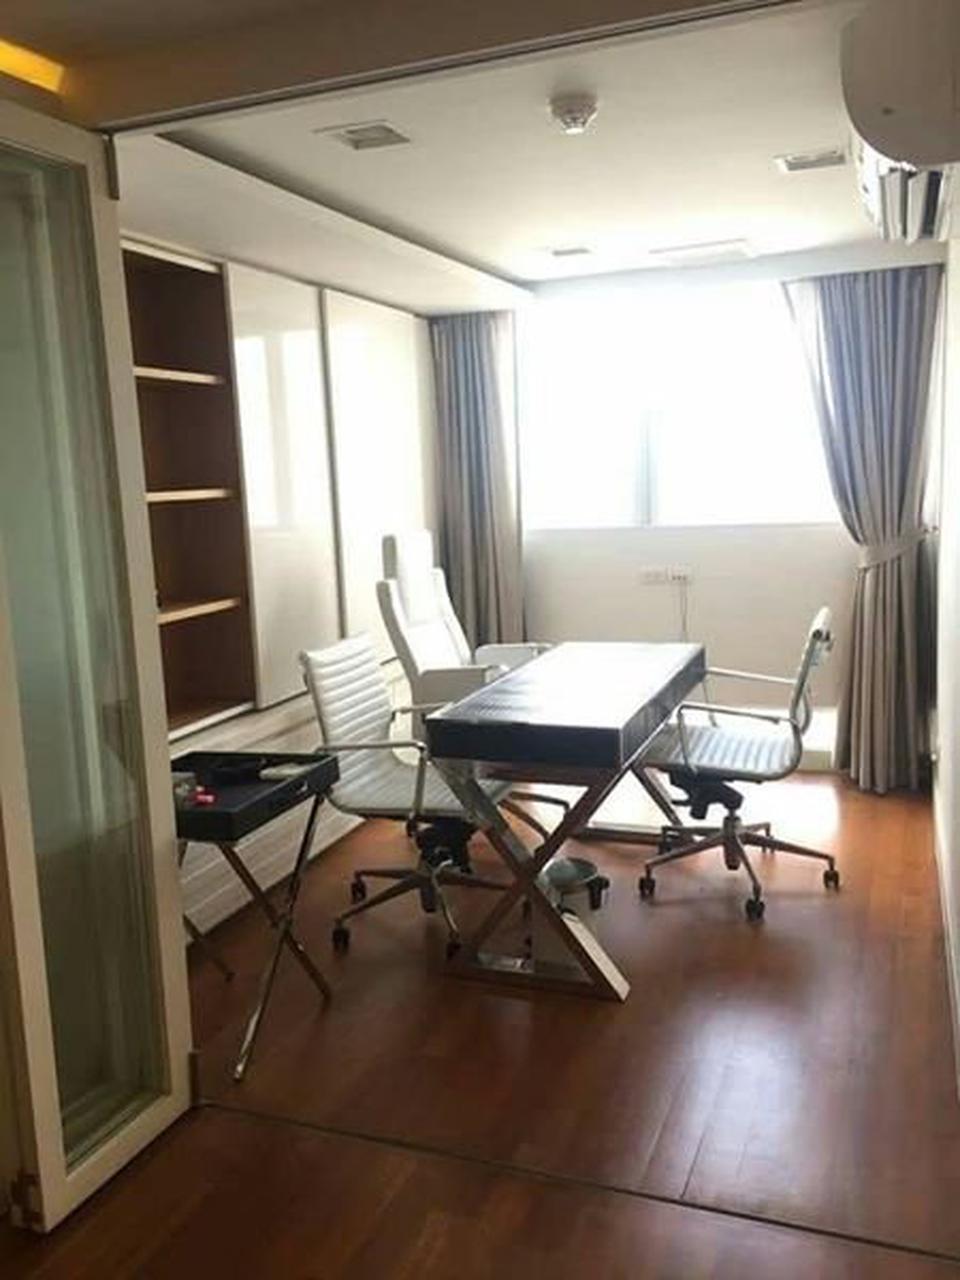 For rent  Tai Ping Towers Condominium รูปที่ 2